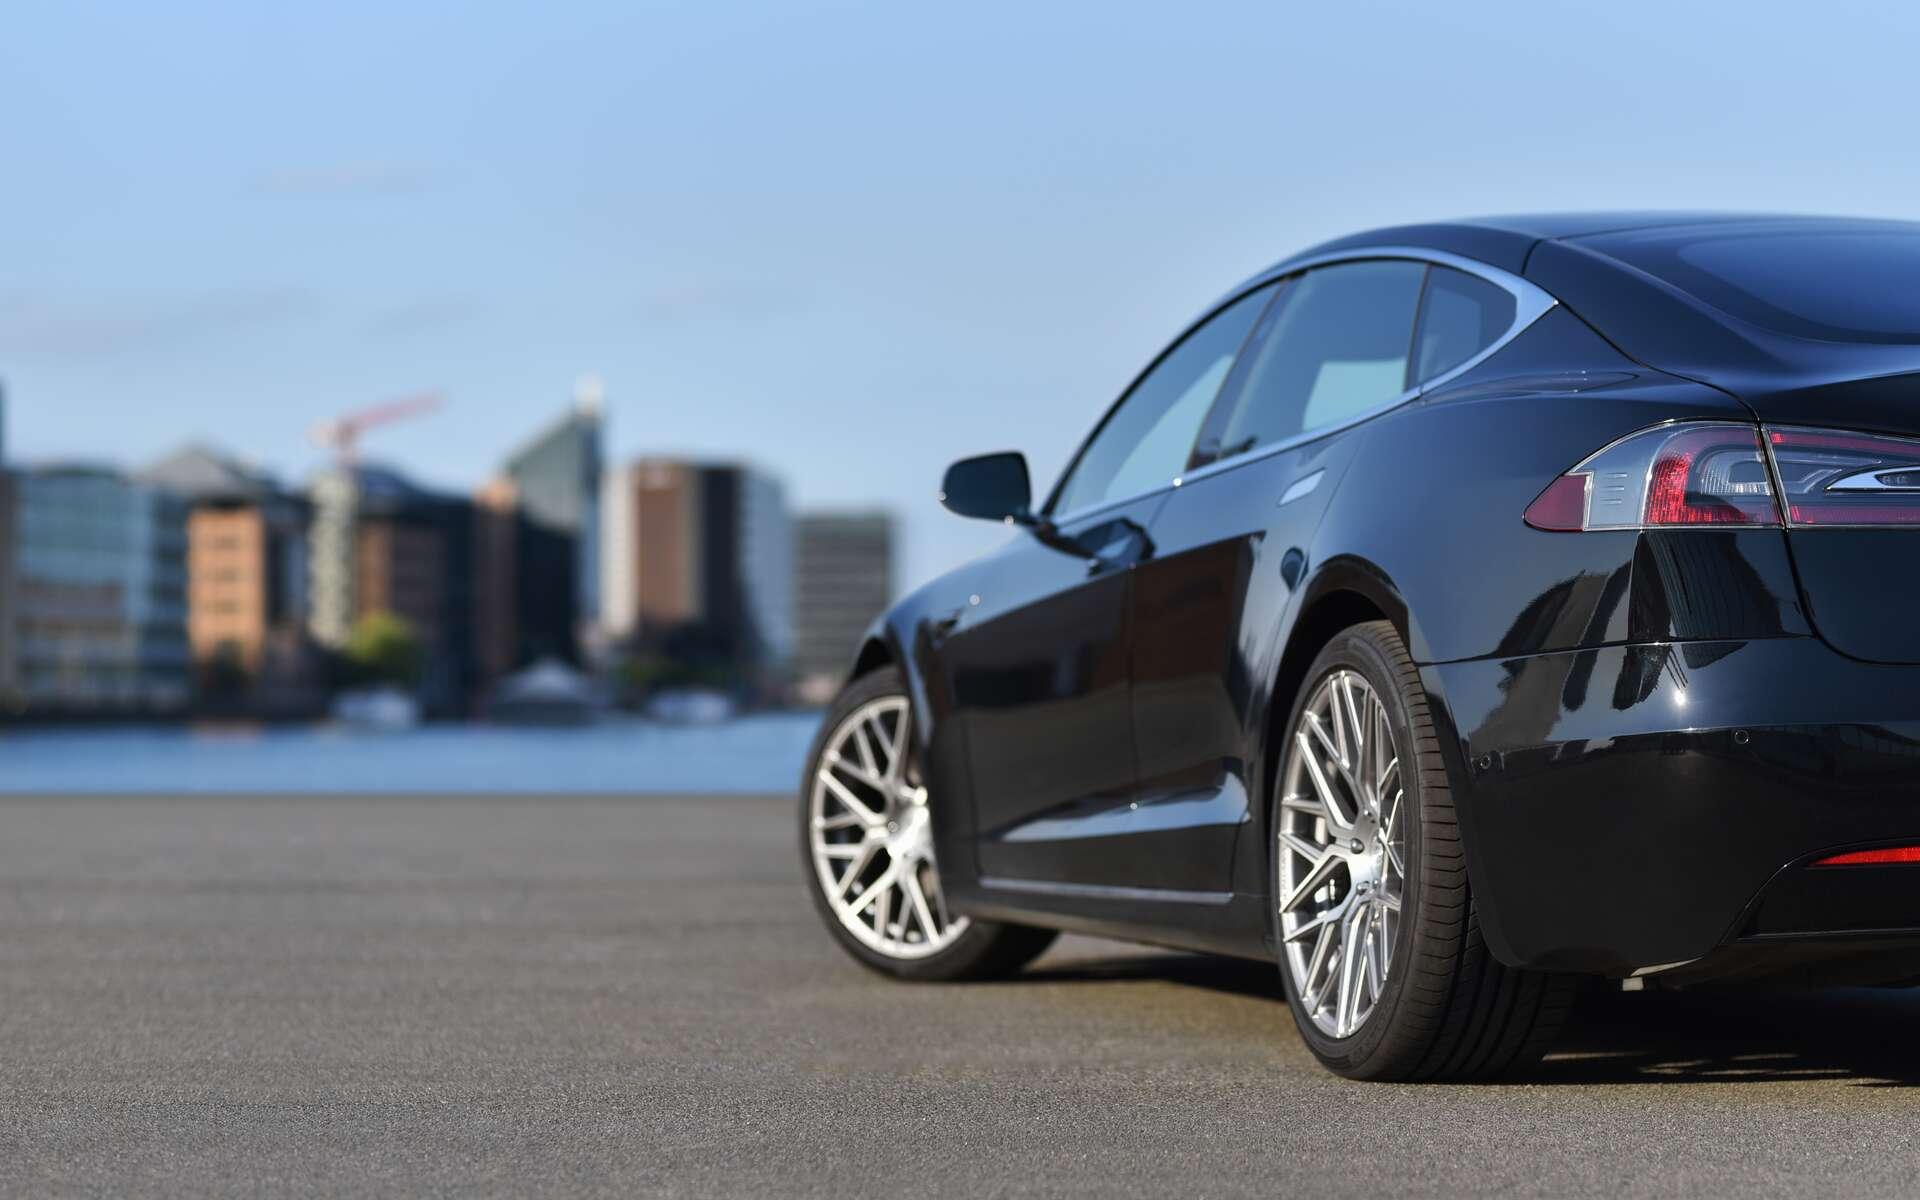 Un véhicule hybride fonctionne avec un moteur thermique et un moteur électrique. © Oleksandr, Adobe Stock